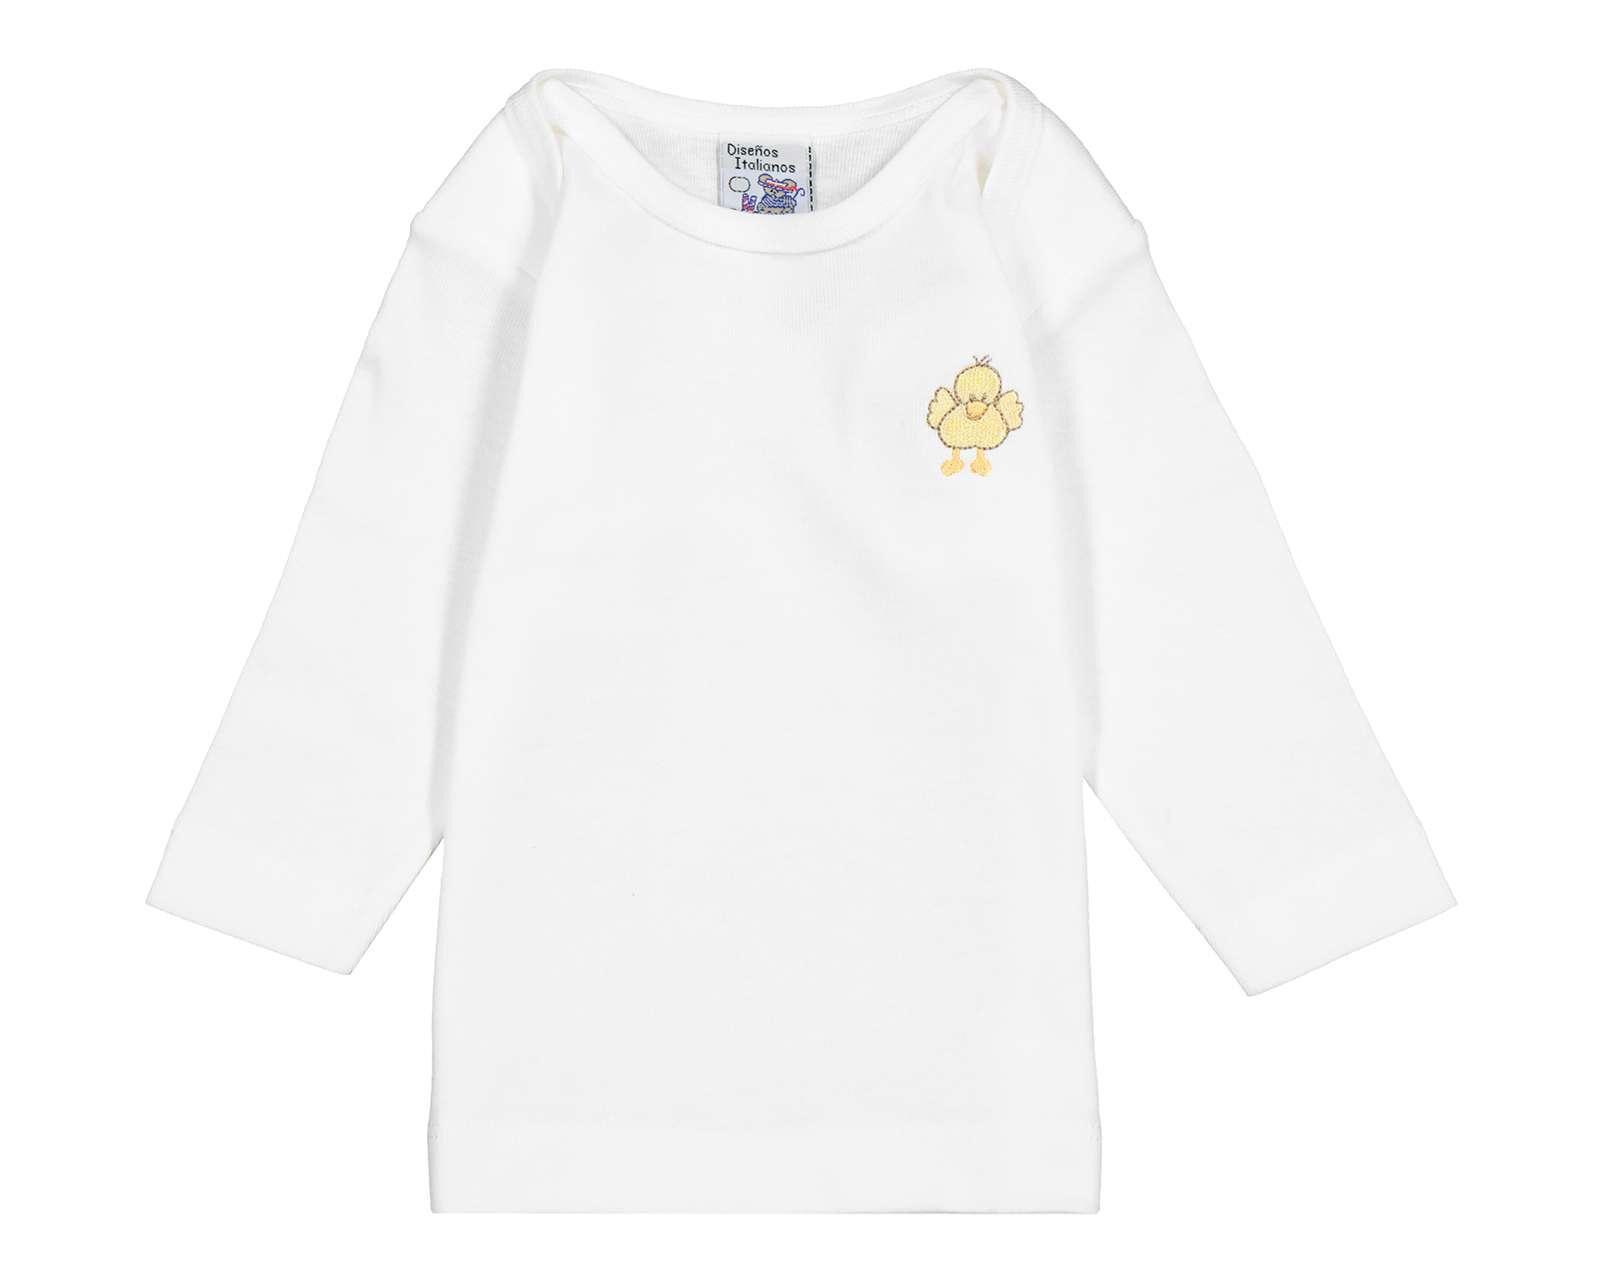 Camiseta de Algodón marca Diseños Italianos para Bebé